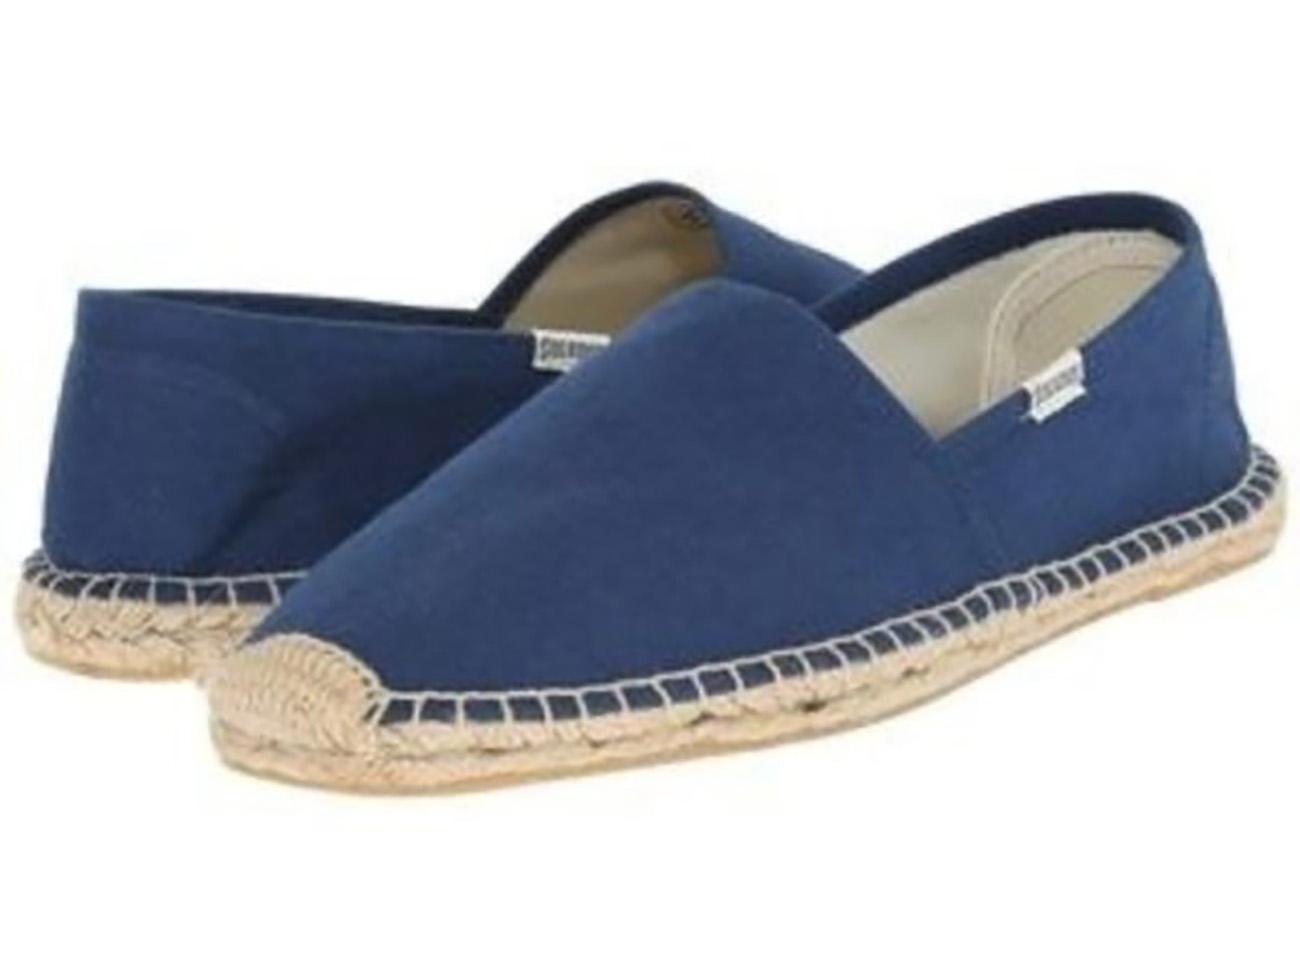 """Τα """"παρεξηγημένα"""" καλοκαιρινά παπούτσια που έχουν μια ιστορία 800 ετών"""